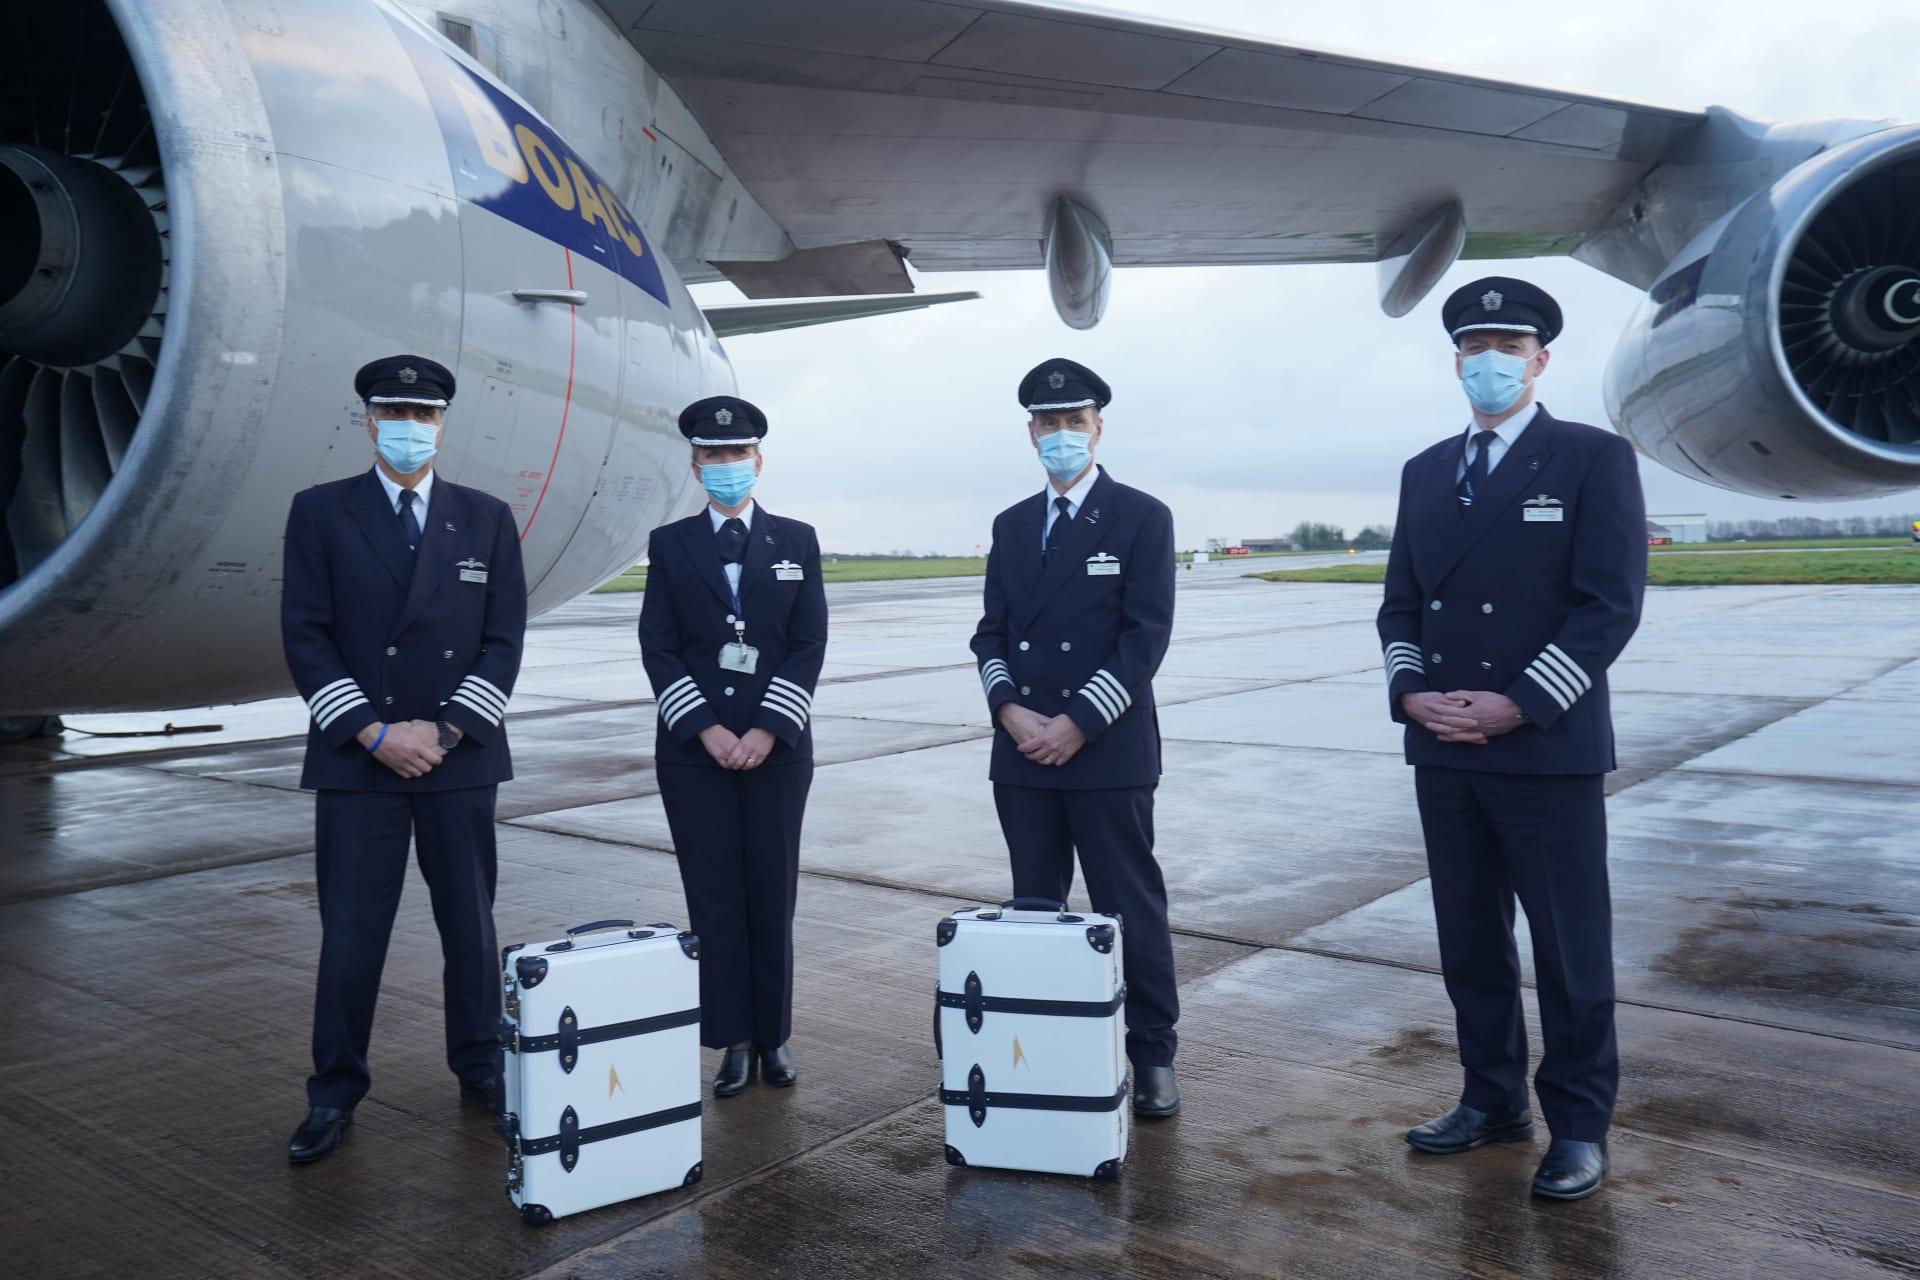 تحمل هذه الحقائب الفاخرة محدودة الإصدار قطعا لطائرات متقاعدة داخلها